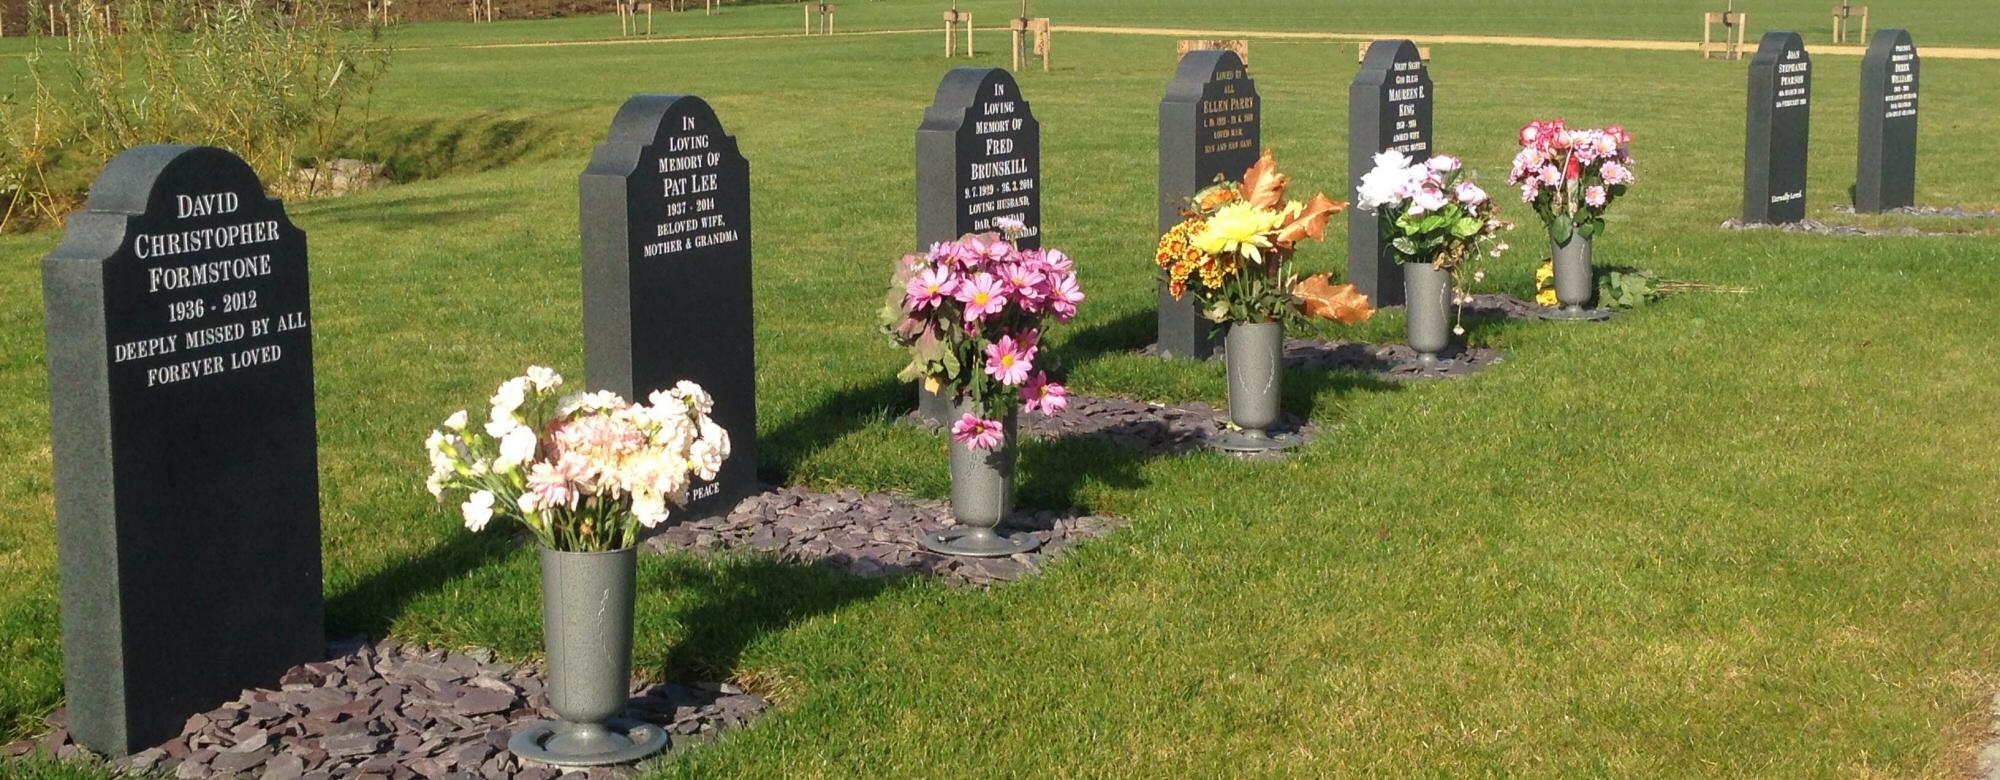 Memorialisation